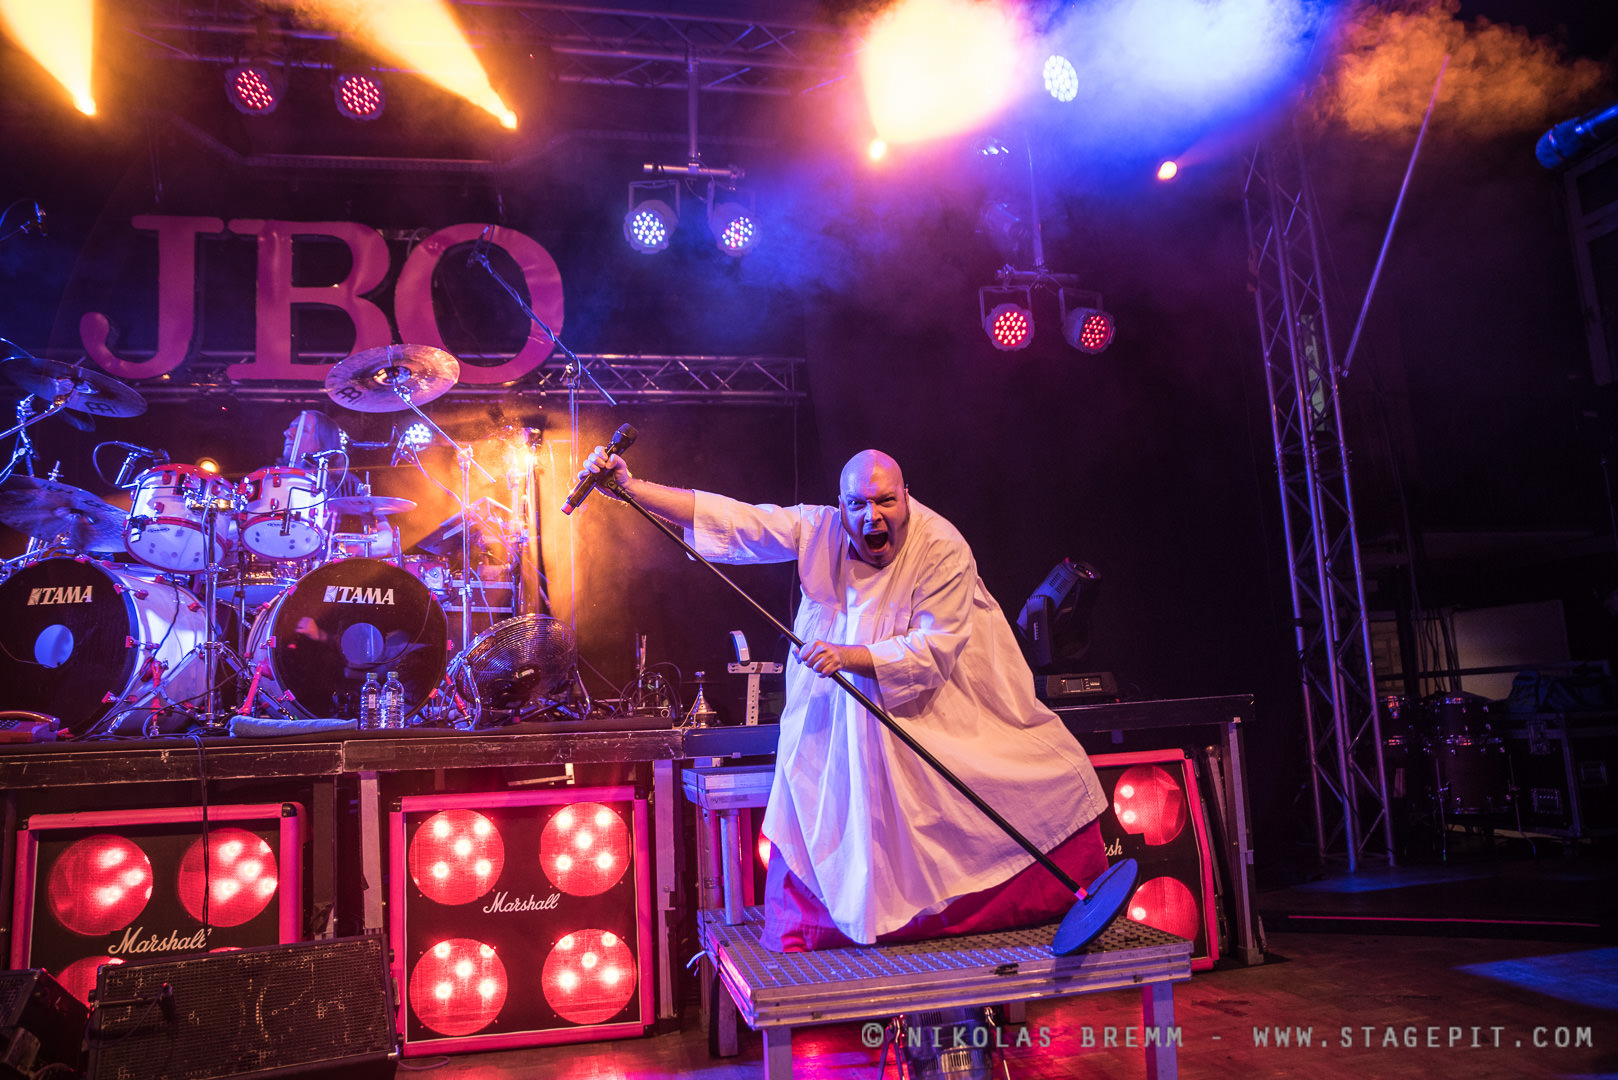 band-jbo-pirmasens-12